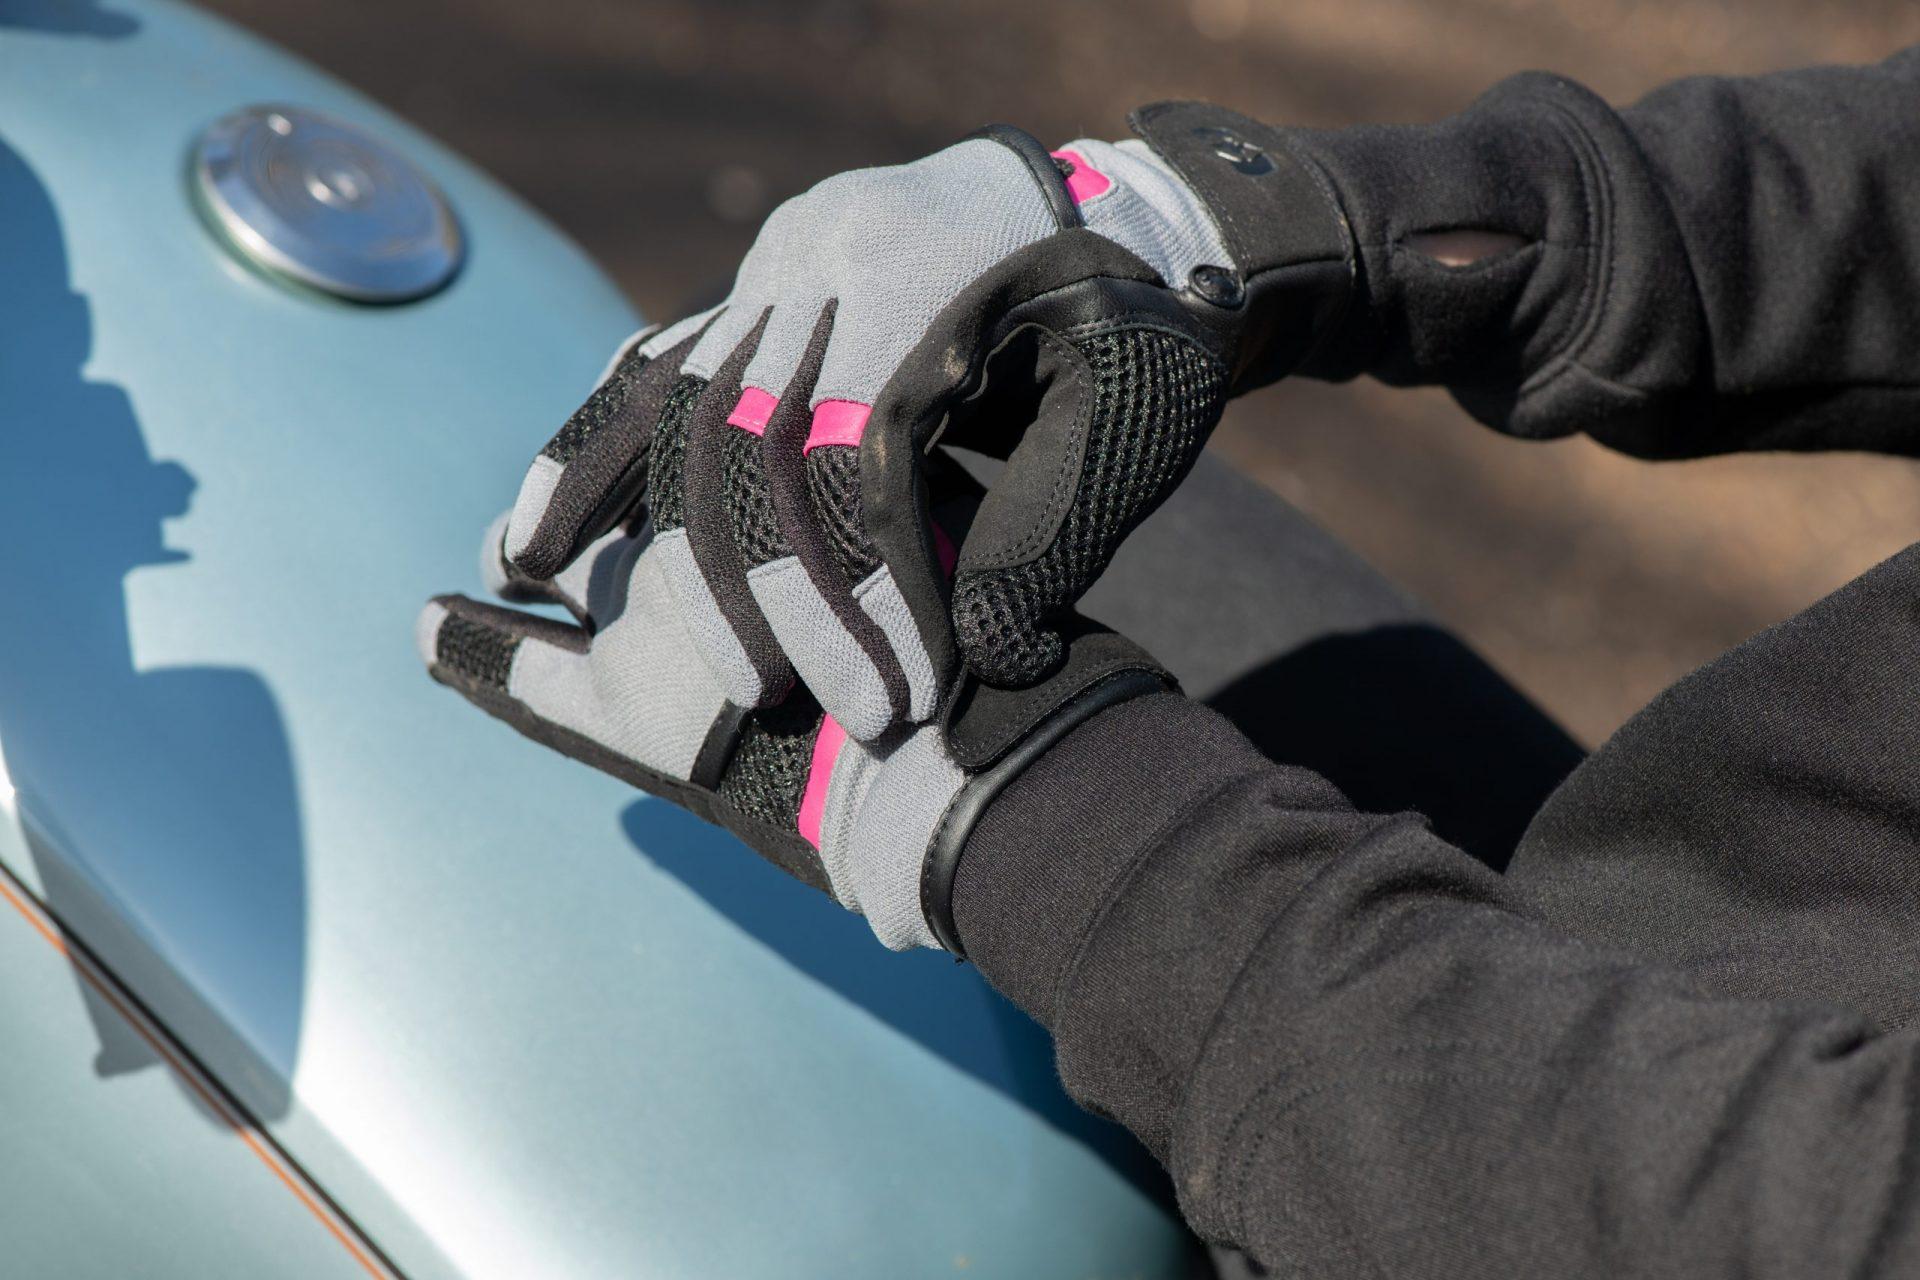 GW211102-Brisbane-WS-Glove-Tech-Grey_Pink_Black-1-scaled Women's Brisbane Short Summer Gloves